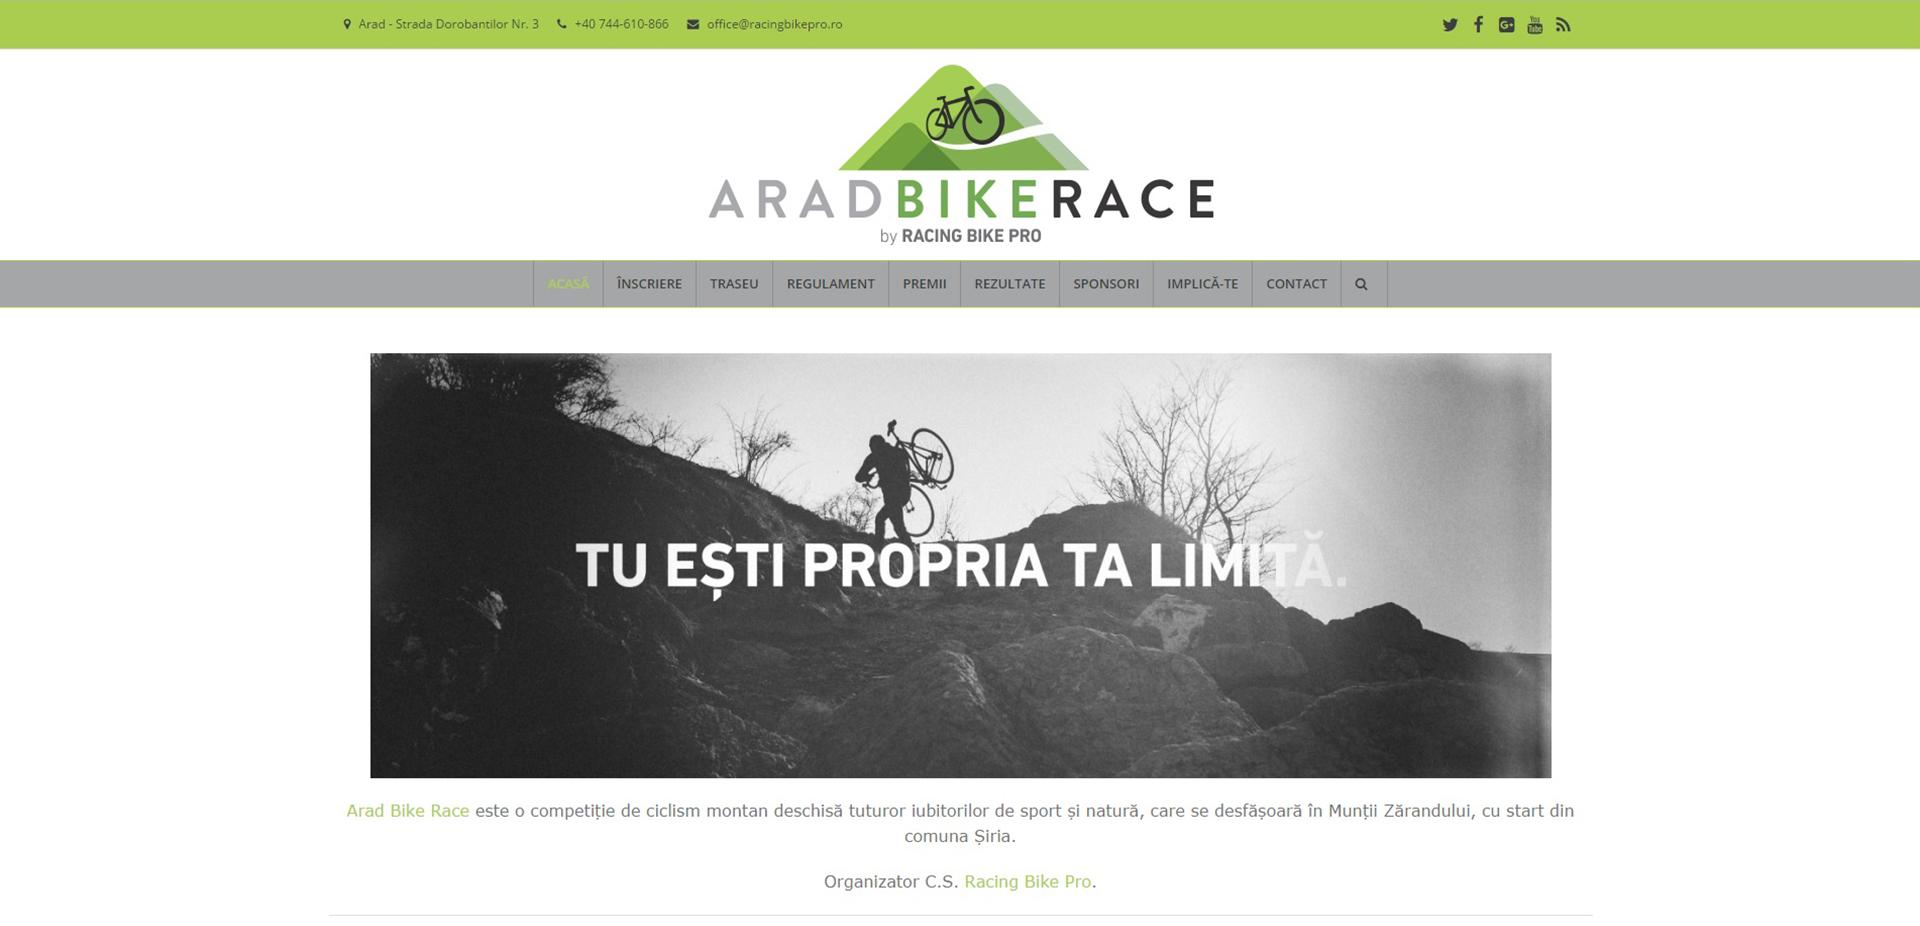 aradbikerace.ro